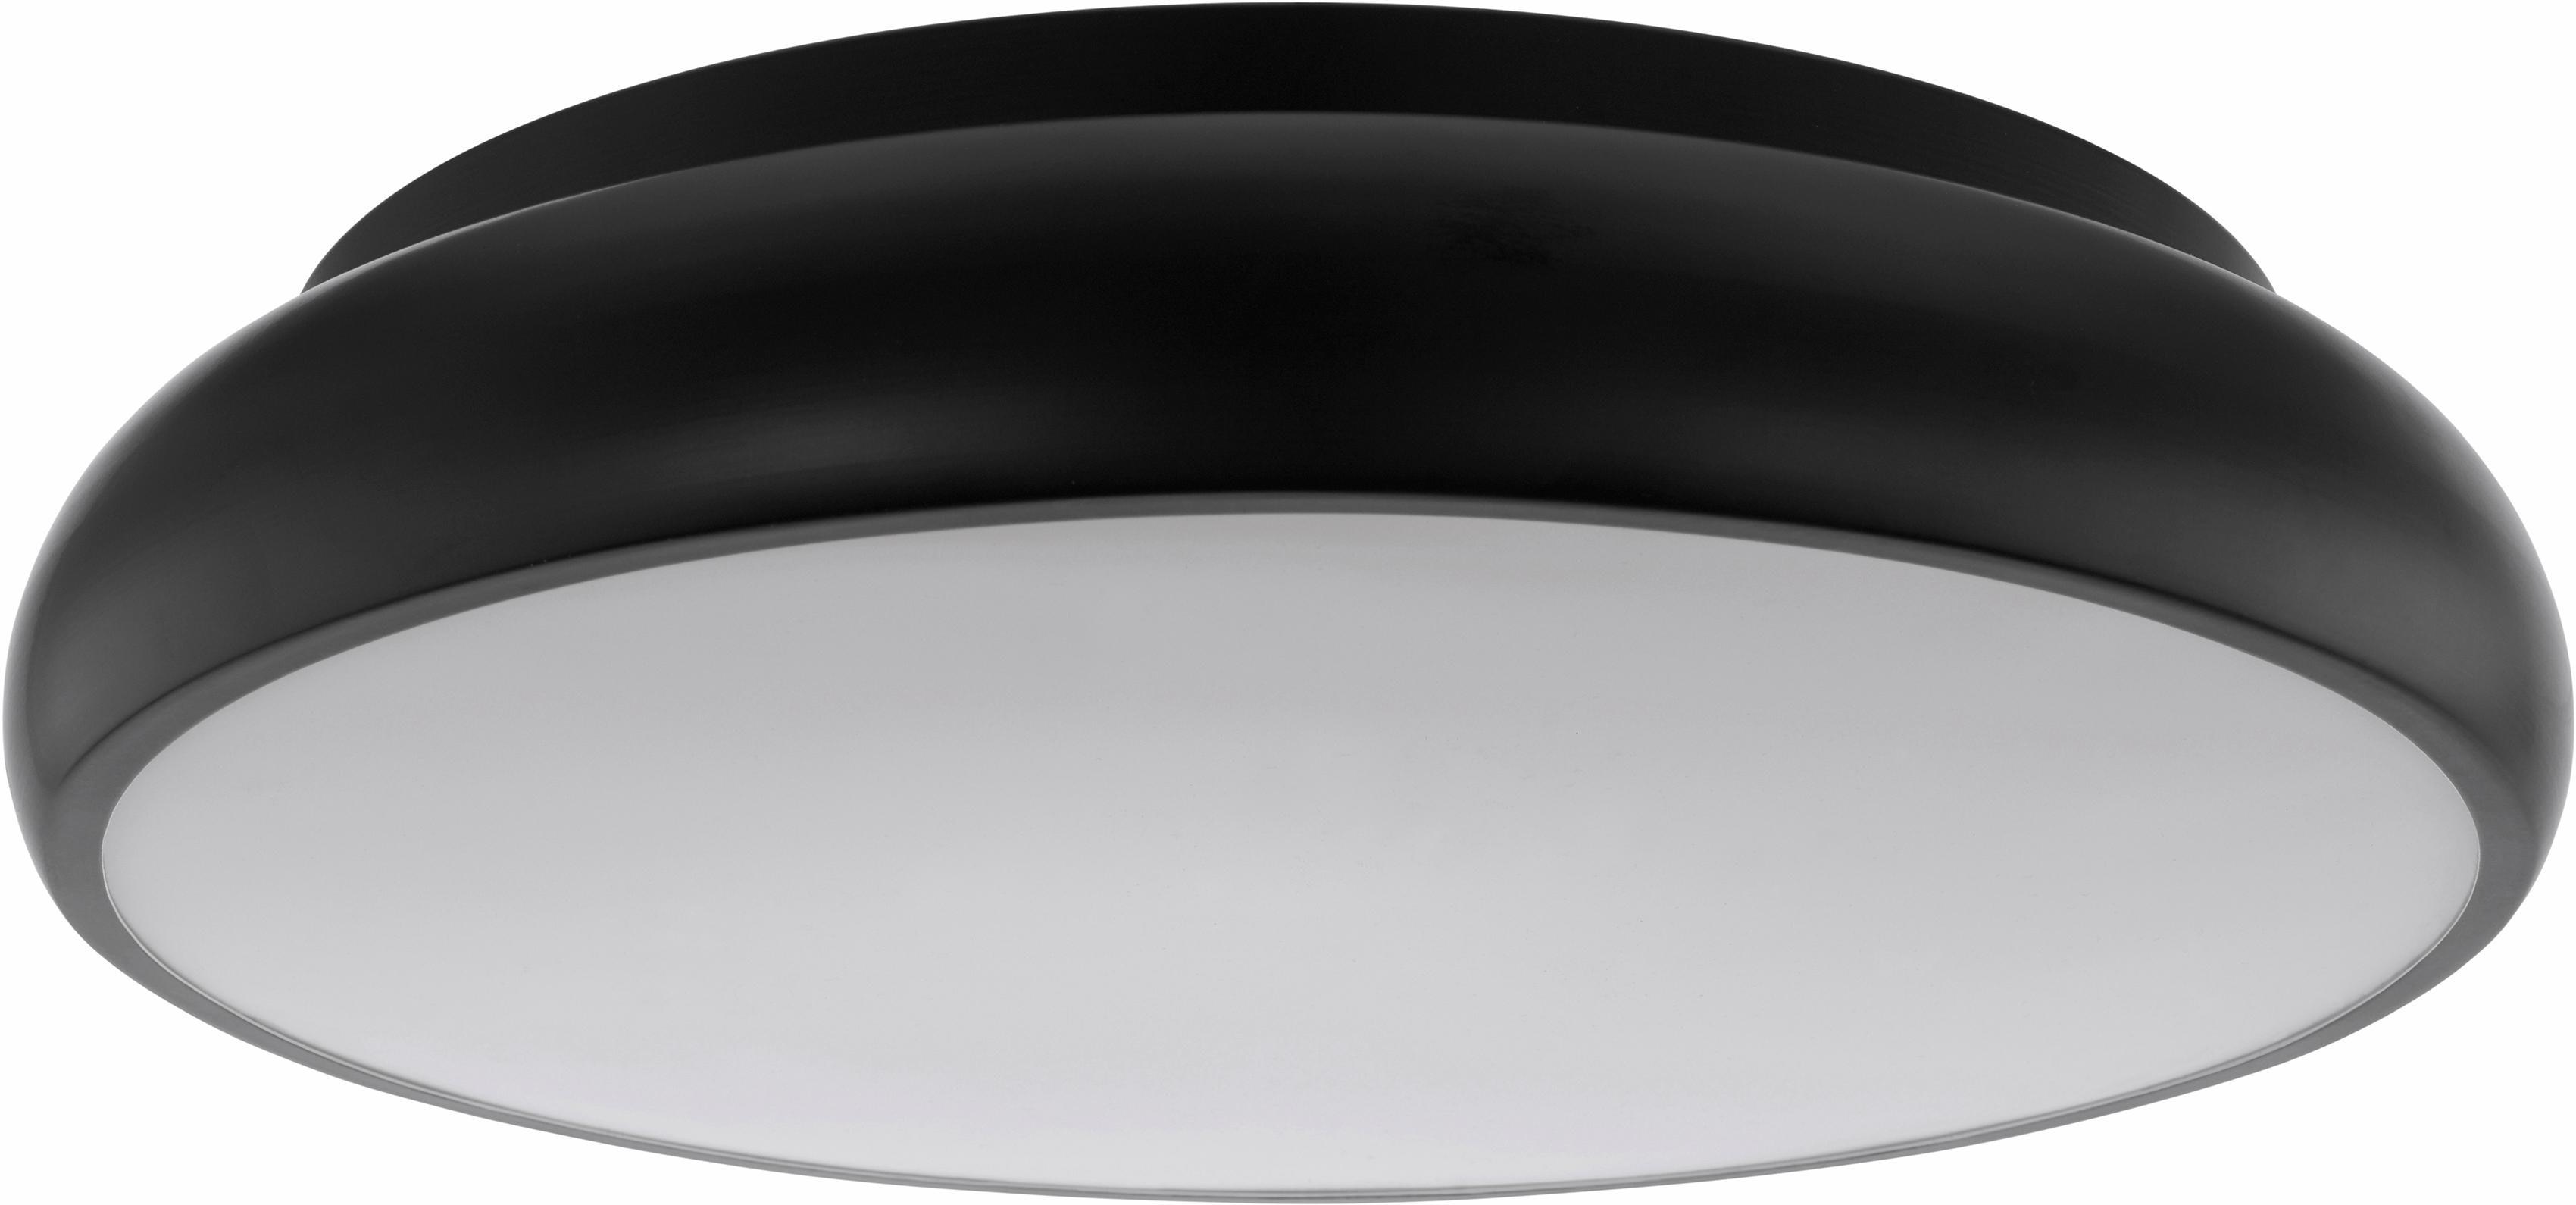 EGLO LED Deckenleuchte RIODEVA-C, LED-Board, Neutralweiß-Tageslichtweiß-Warmweiß-Kaltweiß, EGLO CONNECT, Steuerung über APP + Fernbedienung, BLE, CCT, RGB